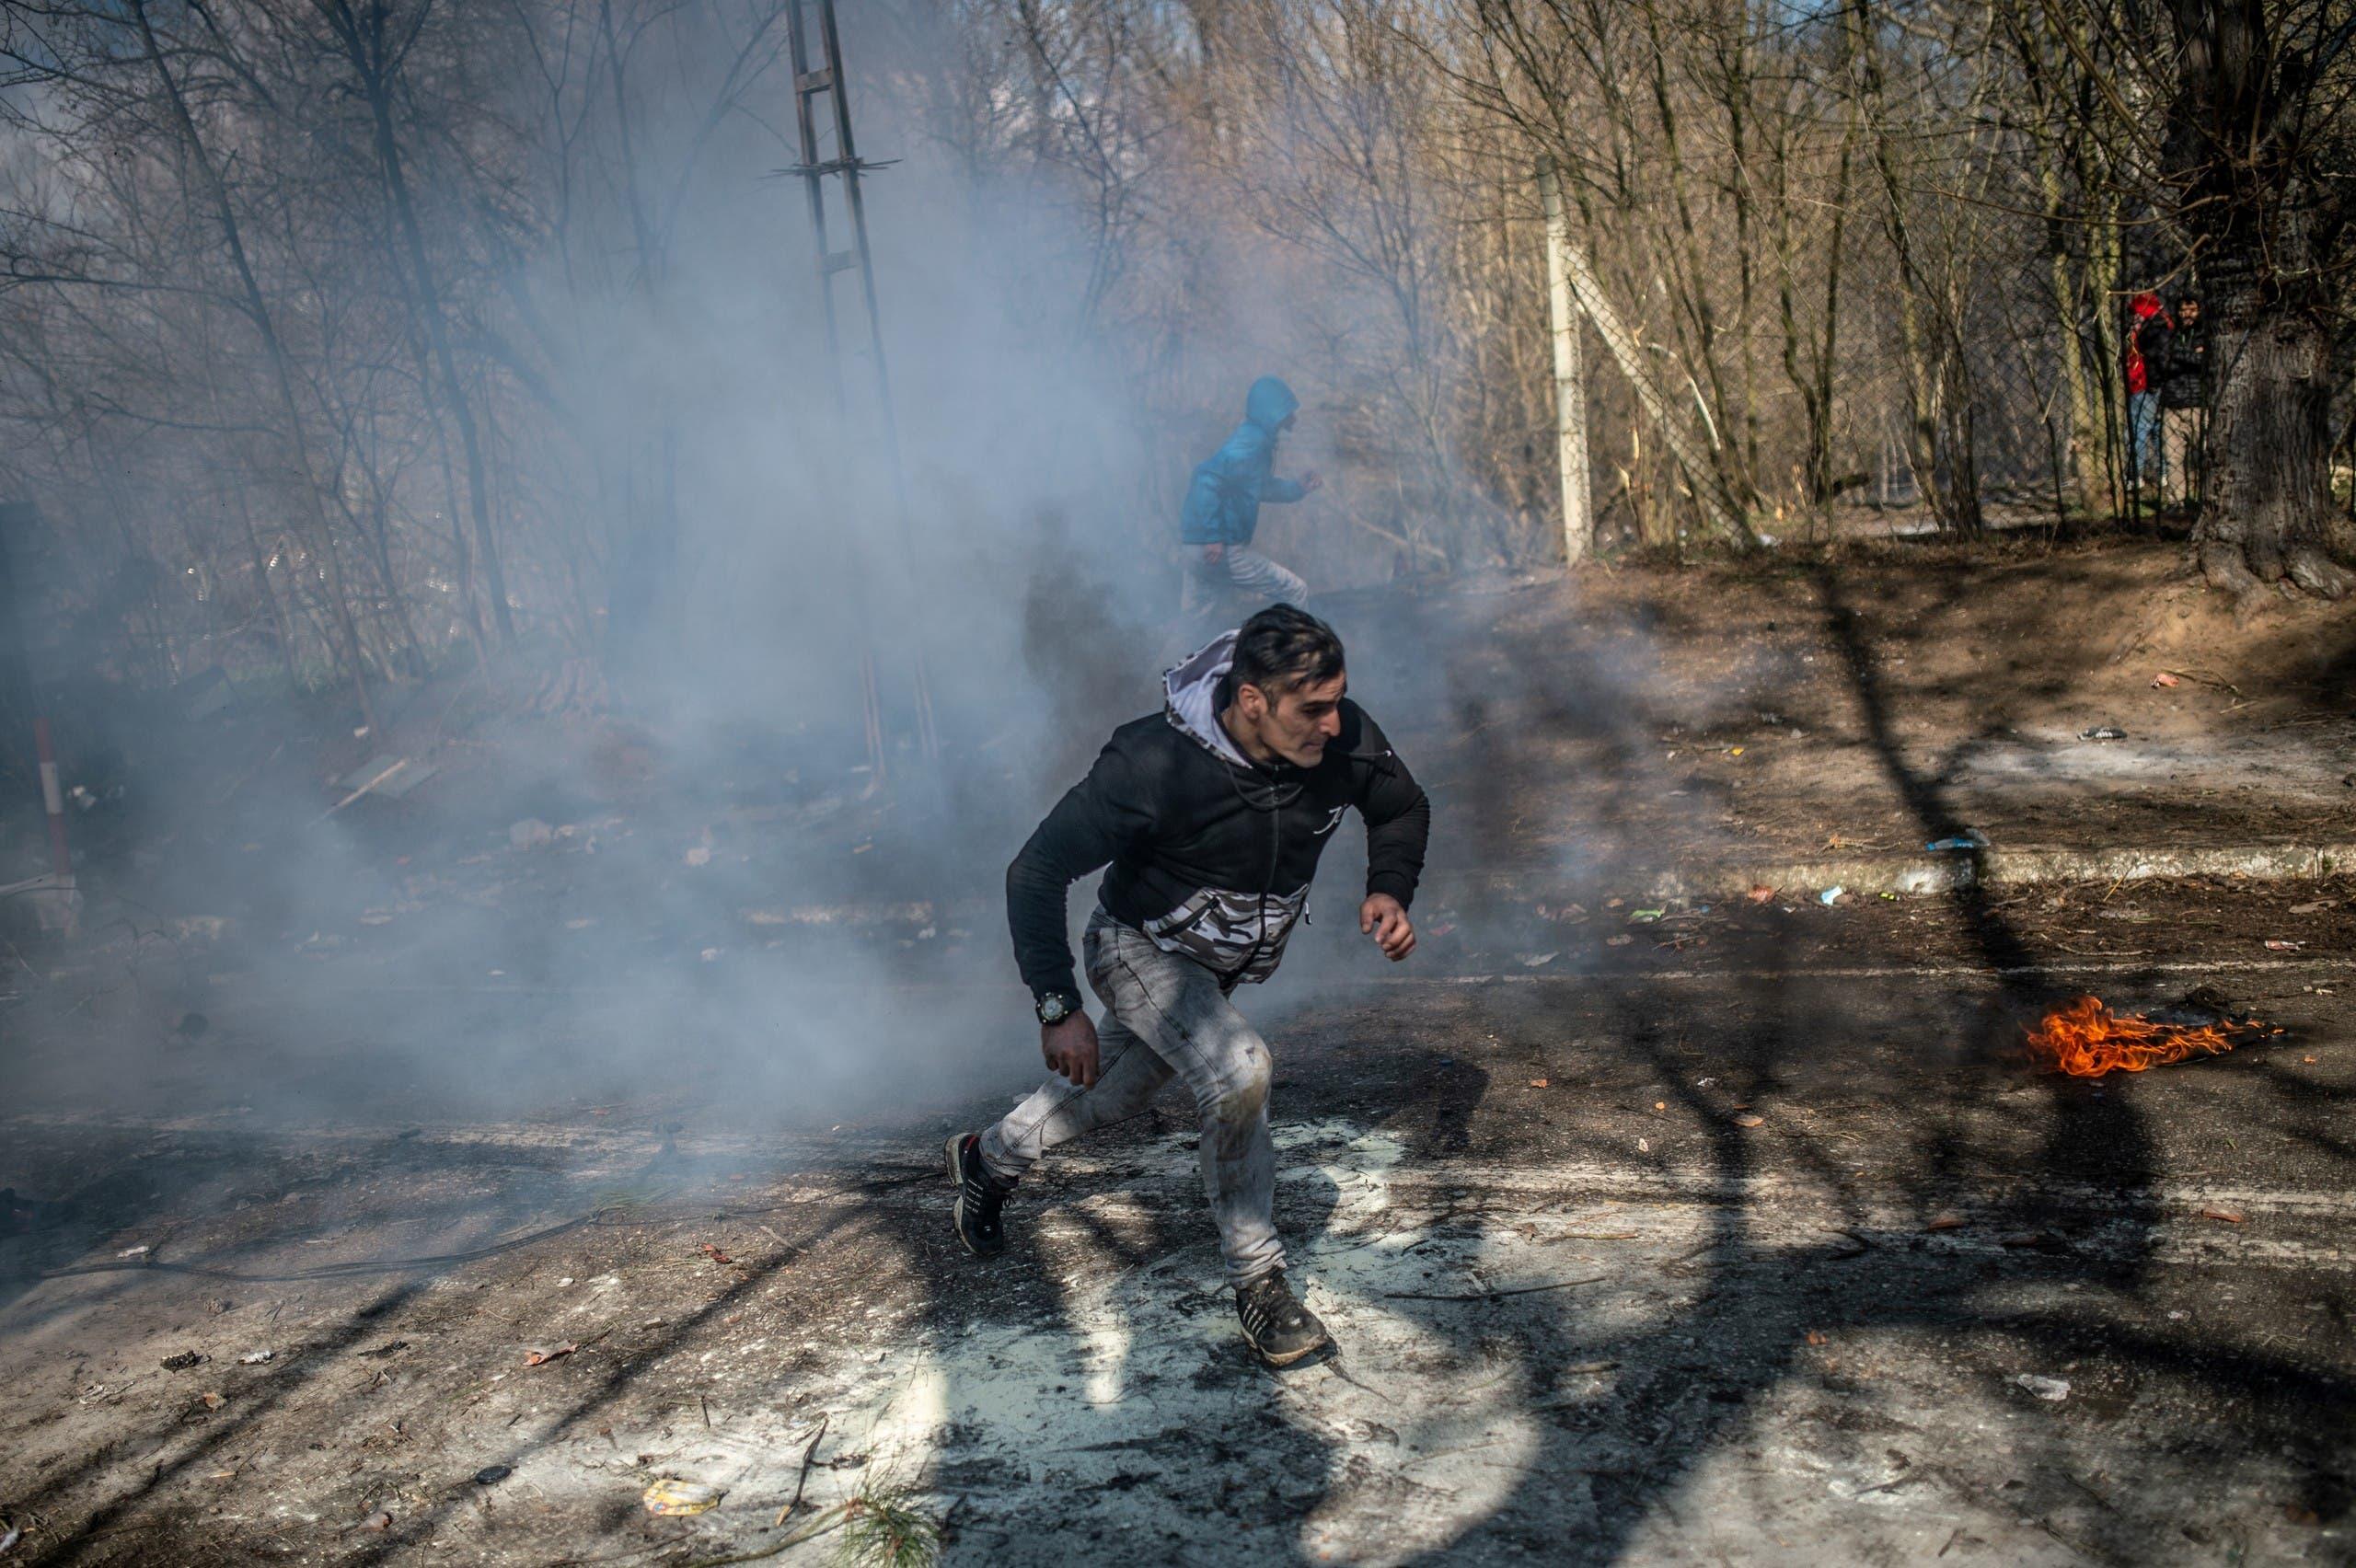 من الحدود التركية اليونانية (29 فبراير فرانس برس